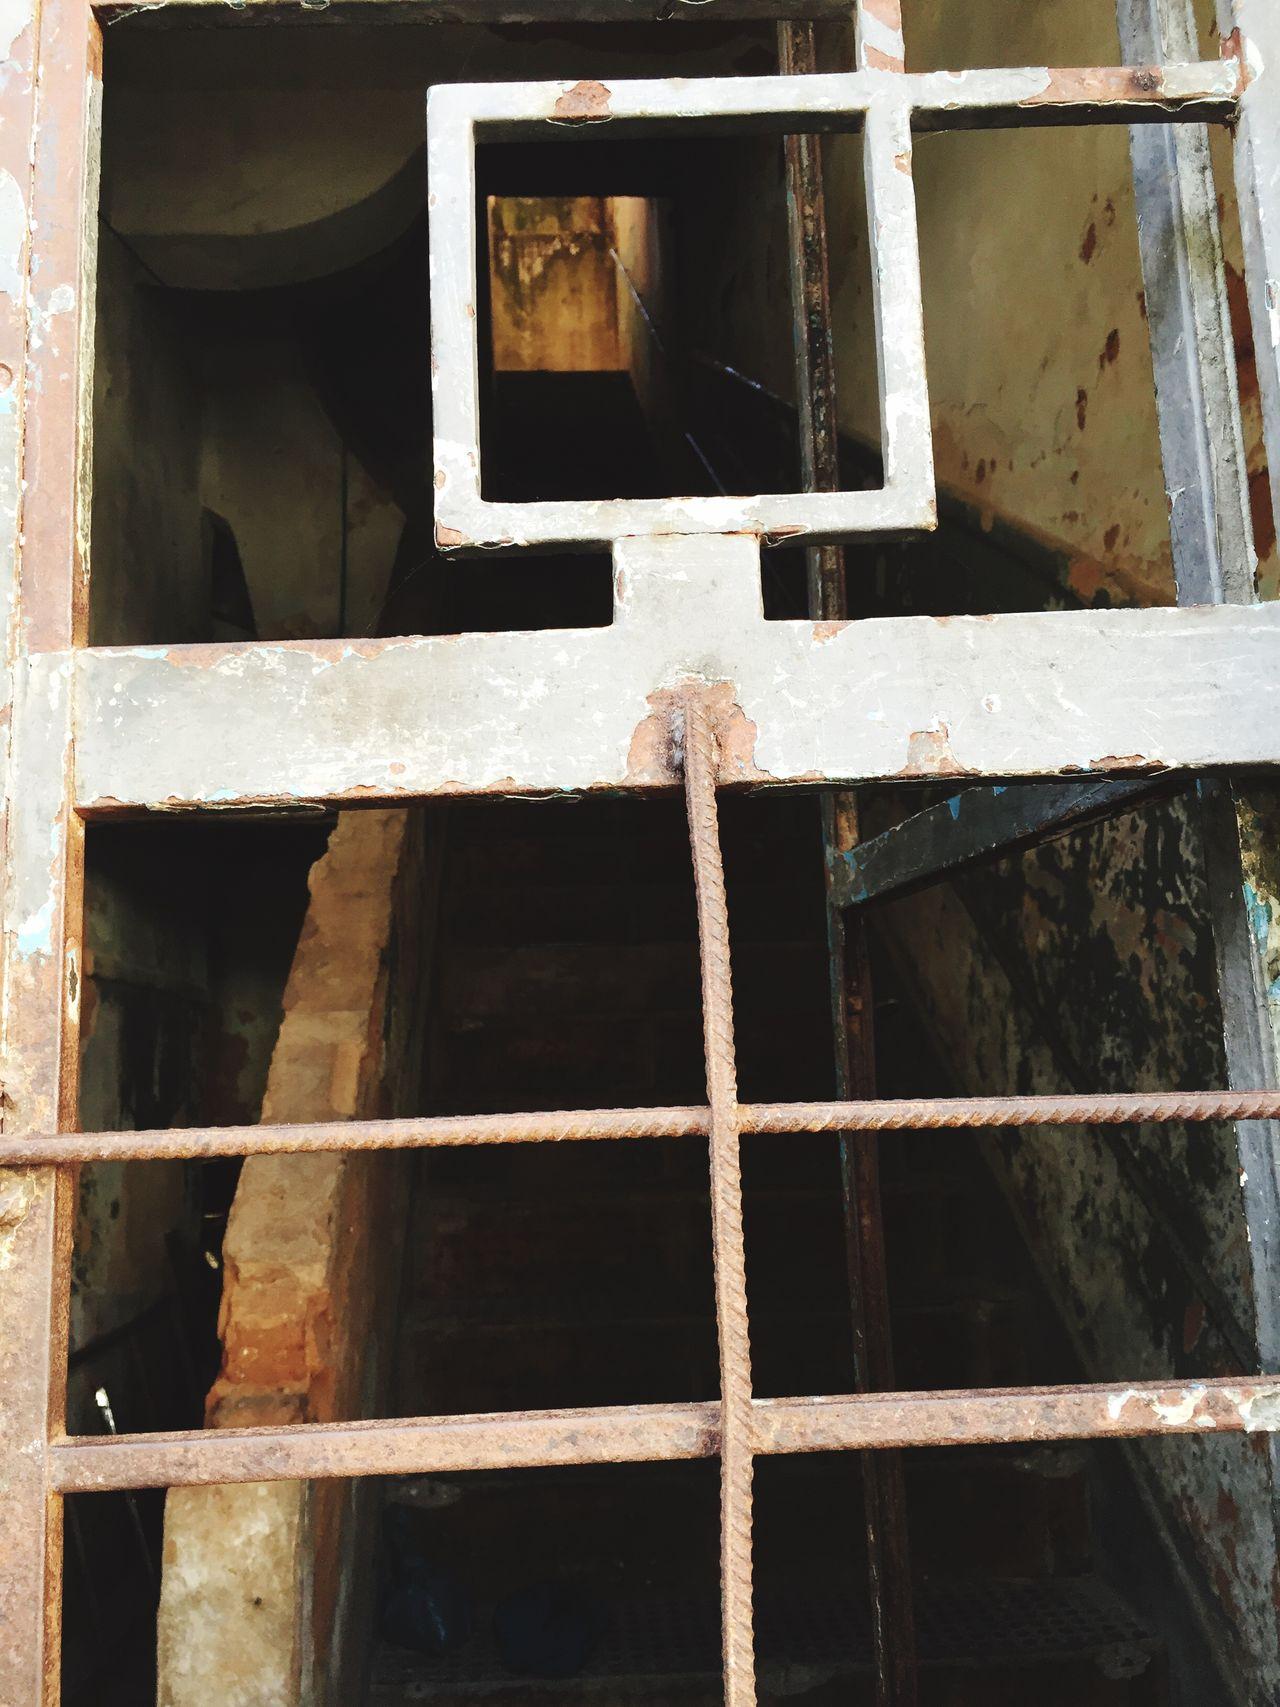 Window Grade Portão Portãodecasa Casarão Antigo Casarao Day Ferro Ferrugem Saoluis Saoluisdomaranhao